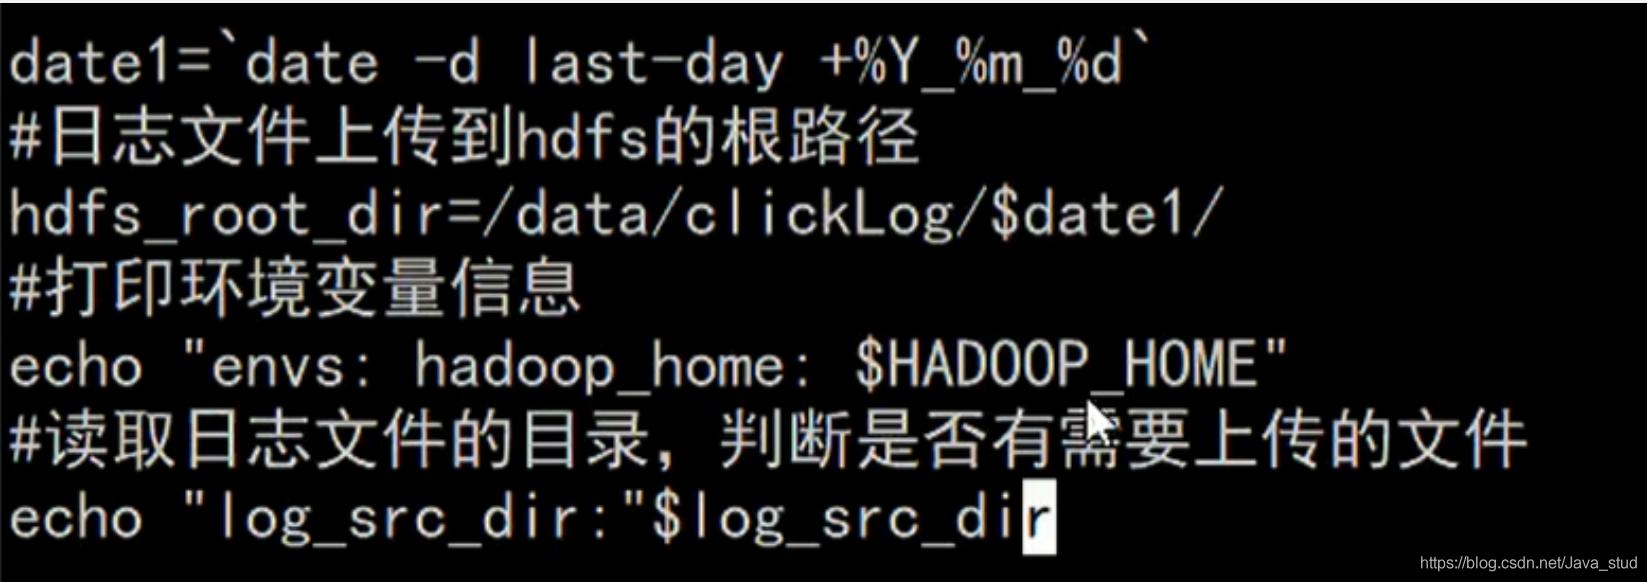 [外链图片转存失败,源站可能有防盗链机制,建议将图片保存下来直接上传(img-p7bjdnKh-1600743046750)(hadoop.assets/image-20200905131117935.png)]